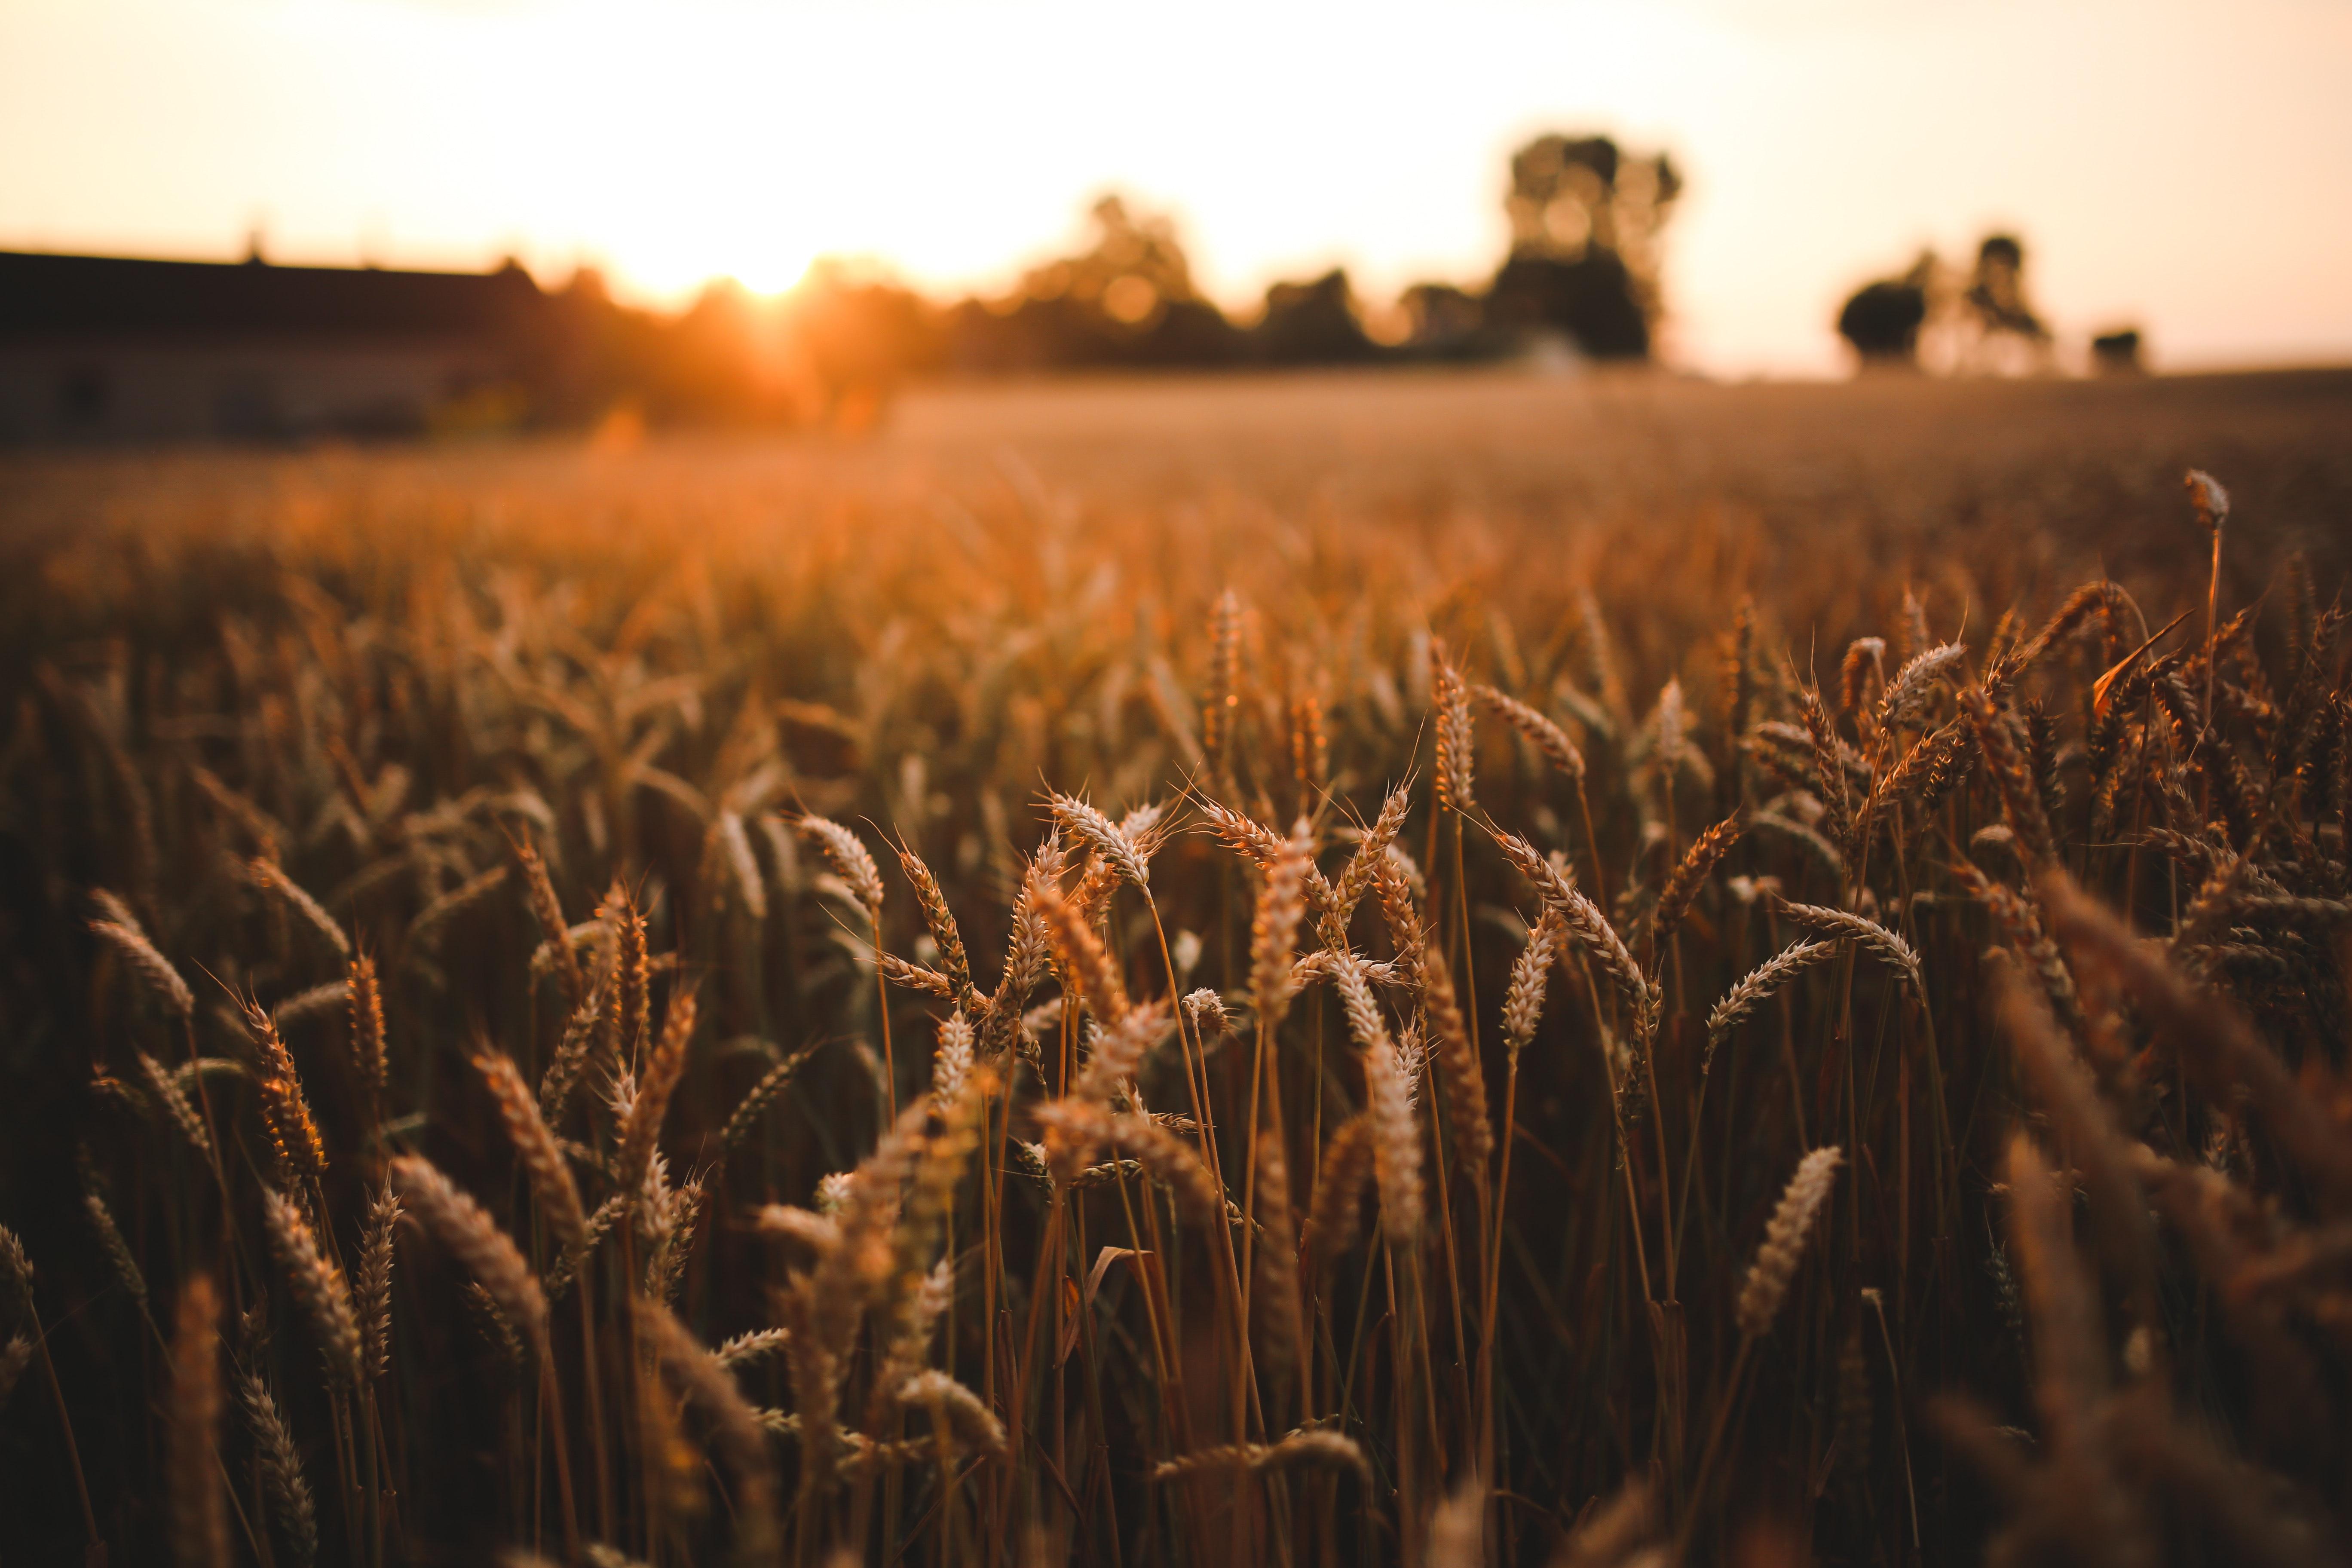 Ảnh cánh đồng lúa vàng chín cực đẹp